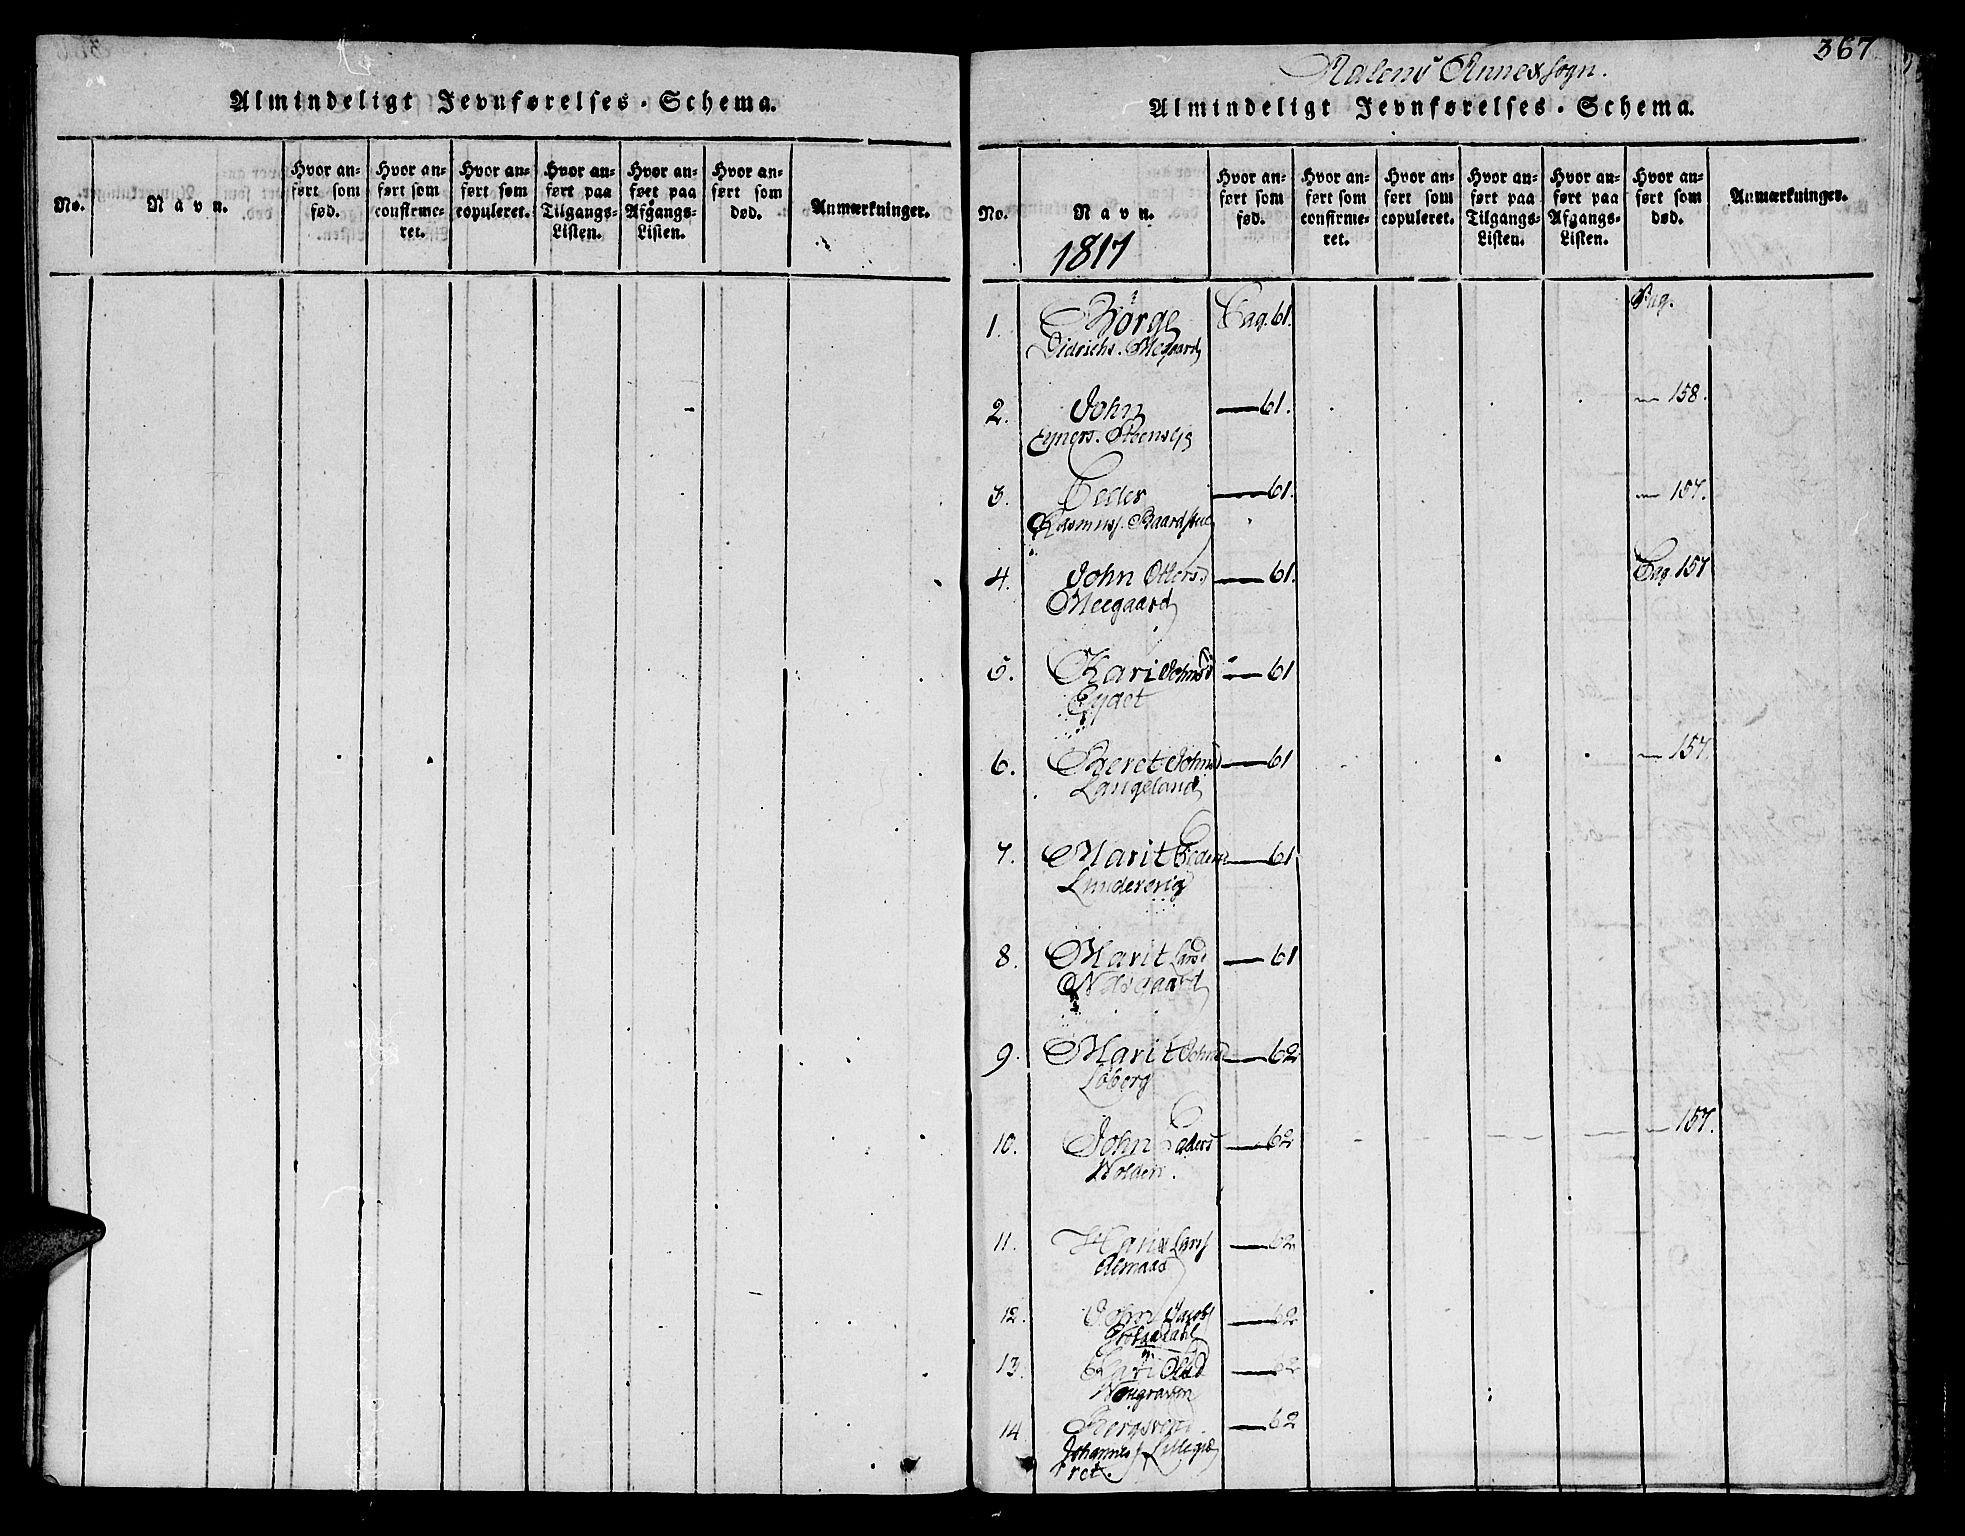 SAT, Ministerialprotokoller, klokkerbøker og fødselsregistre - Sør-Trøndelag, 685/L0956: Ministerialbok nr. 685A03 /3, 1817-1829, s. 367